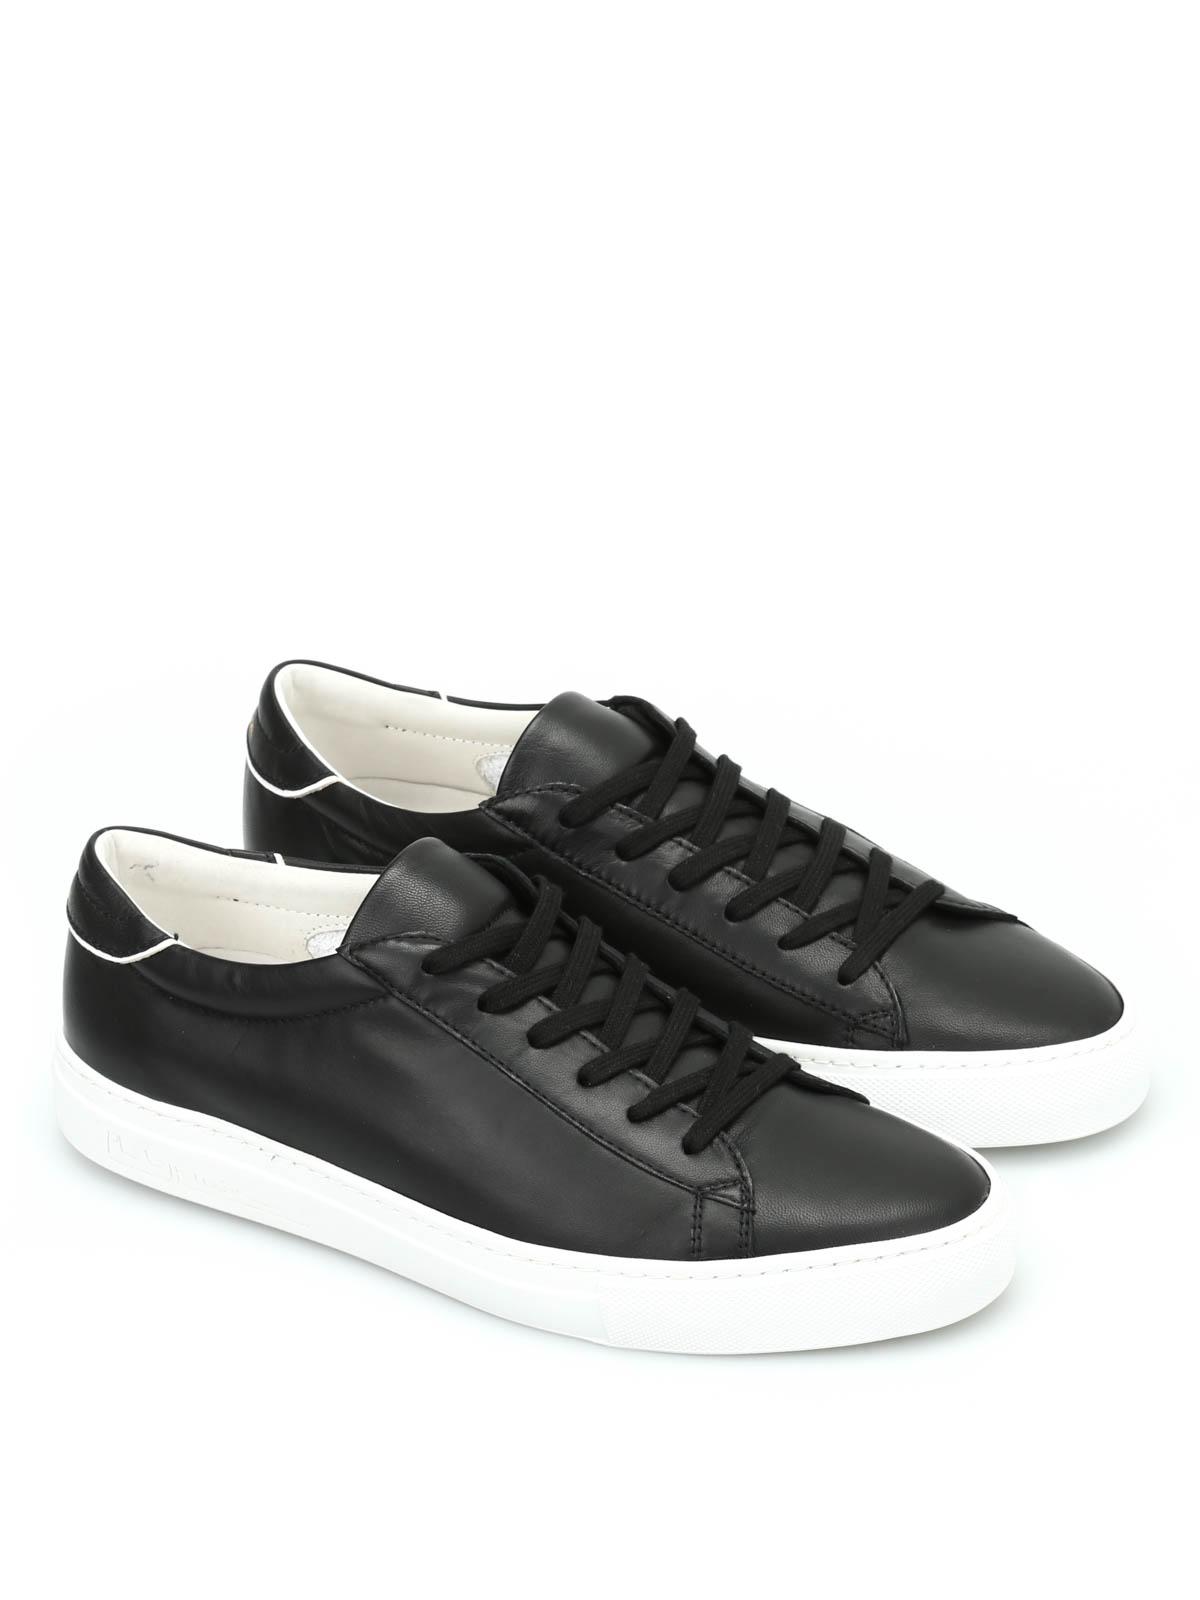 Avlu Model Vl02 In Shovel Future Philippe Sneakers Sneaker OkTZiuXP